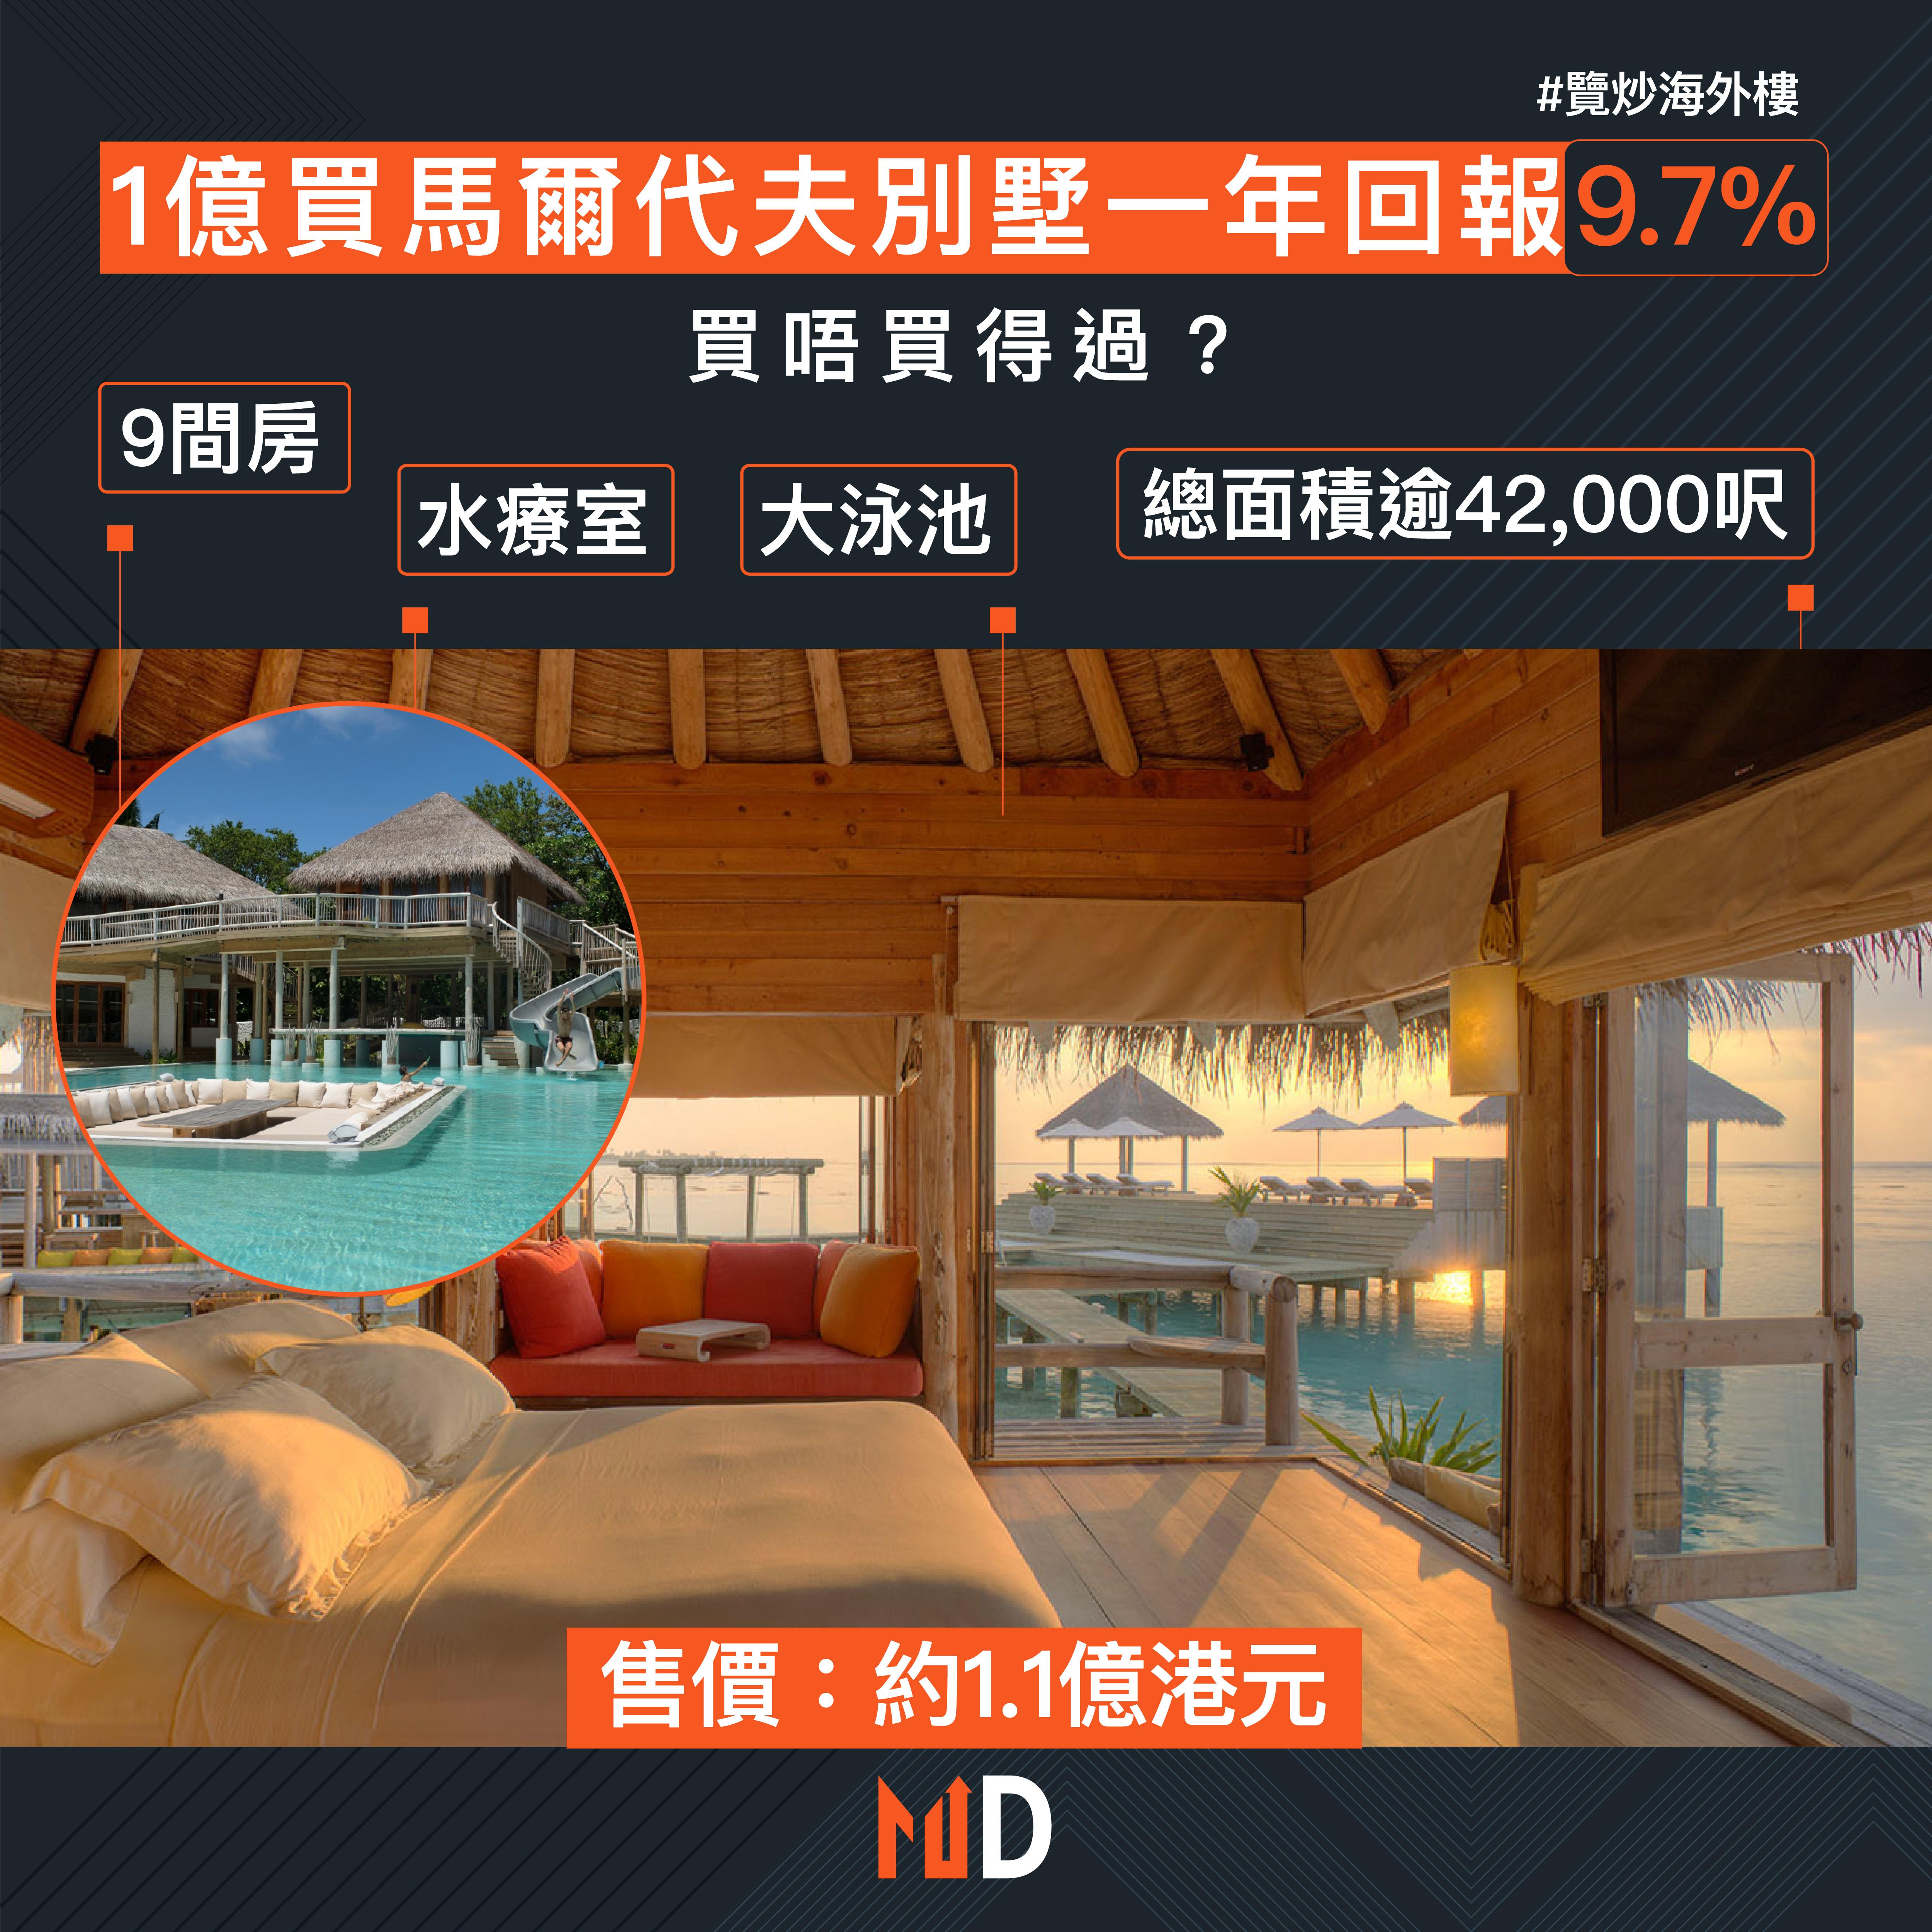 【覽炒海外樓】1億買馬爾代夫別墅一年回報9.7% 買唔買得過?